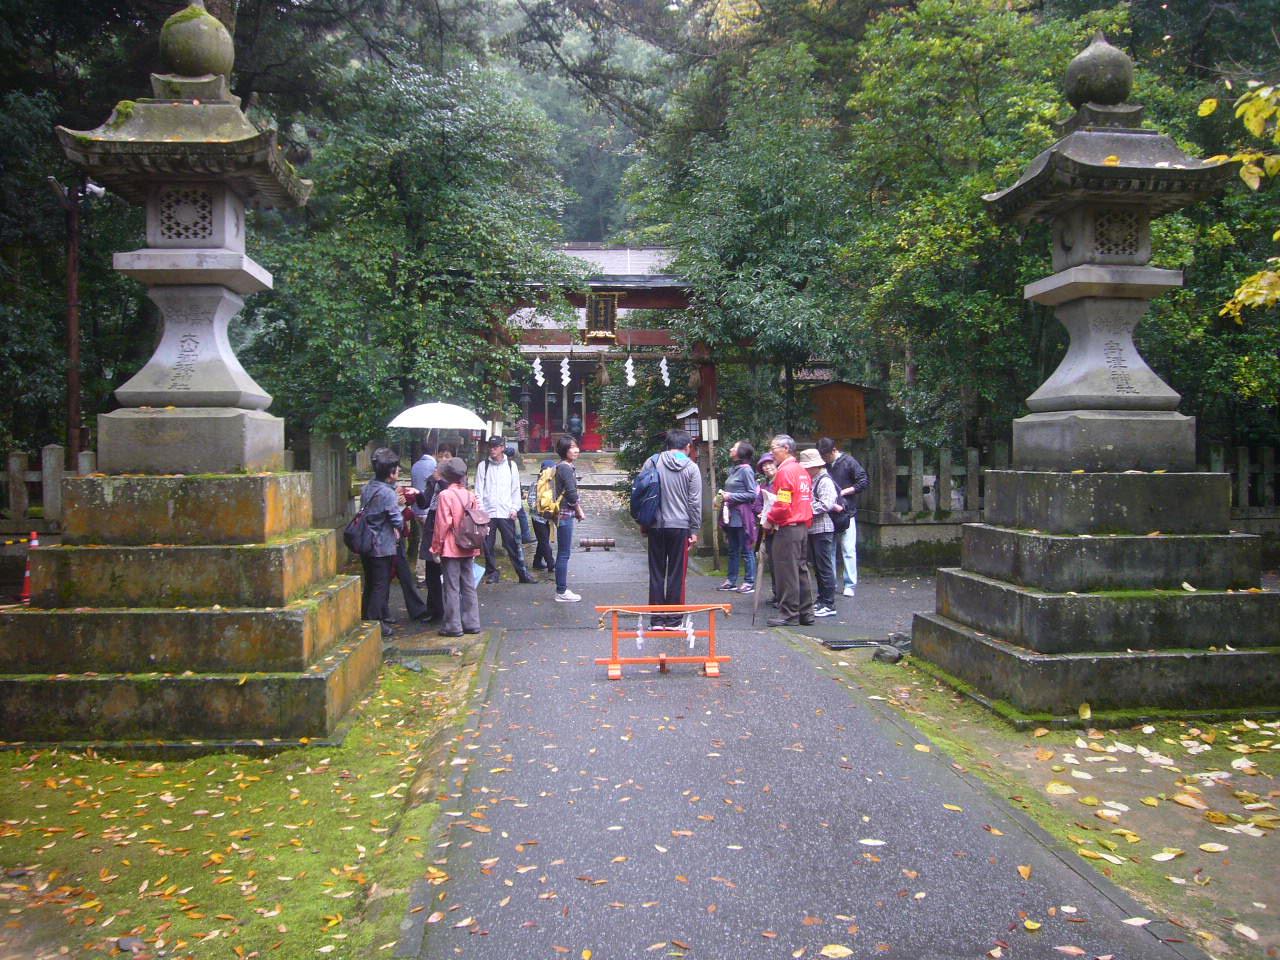 舟津神社 H26.11.02撮影